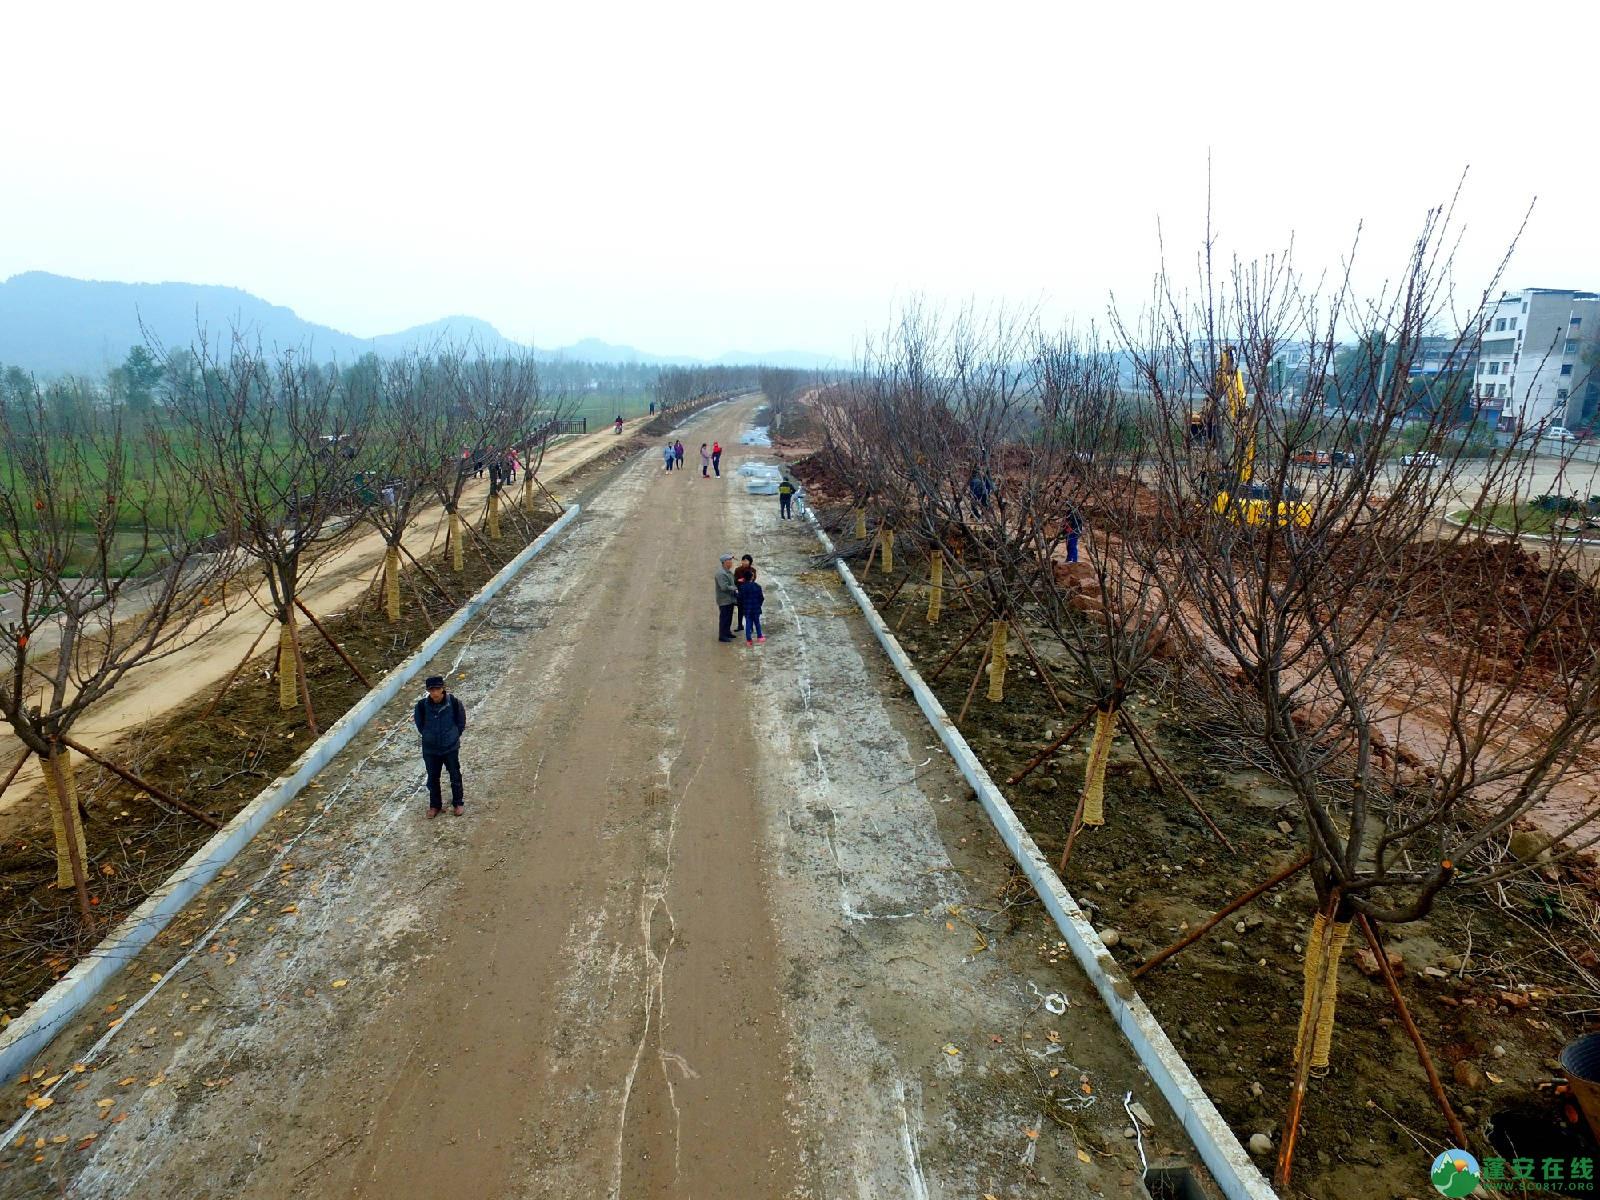 蓬安锦屏湿地公园嘉陵江跑道建设进度 - 第1张  | 蓬安在线